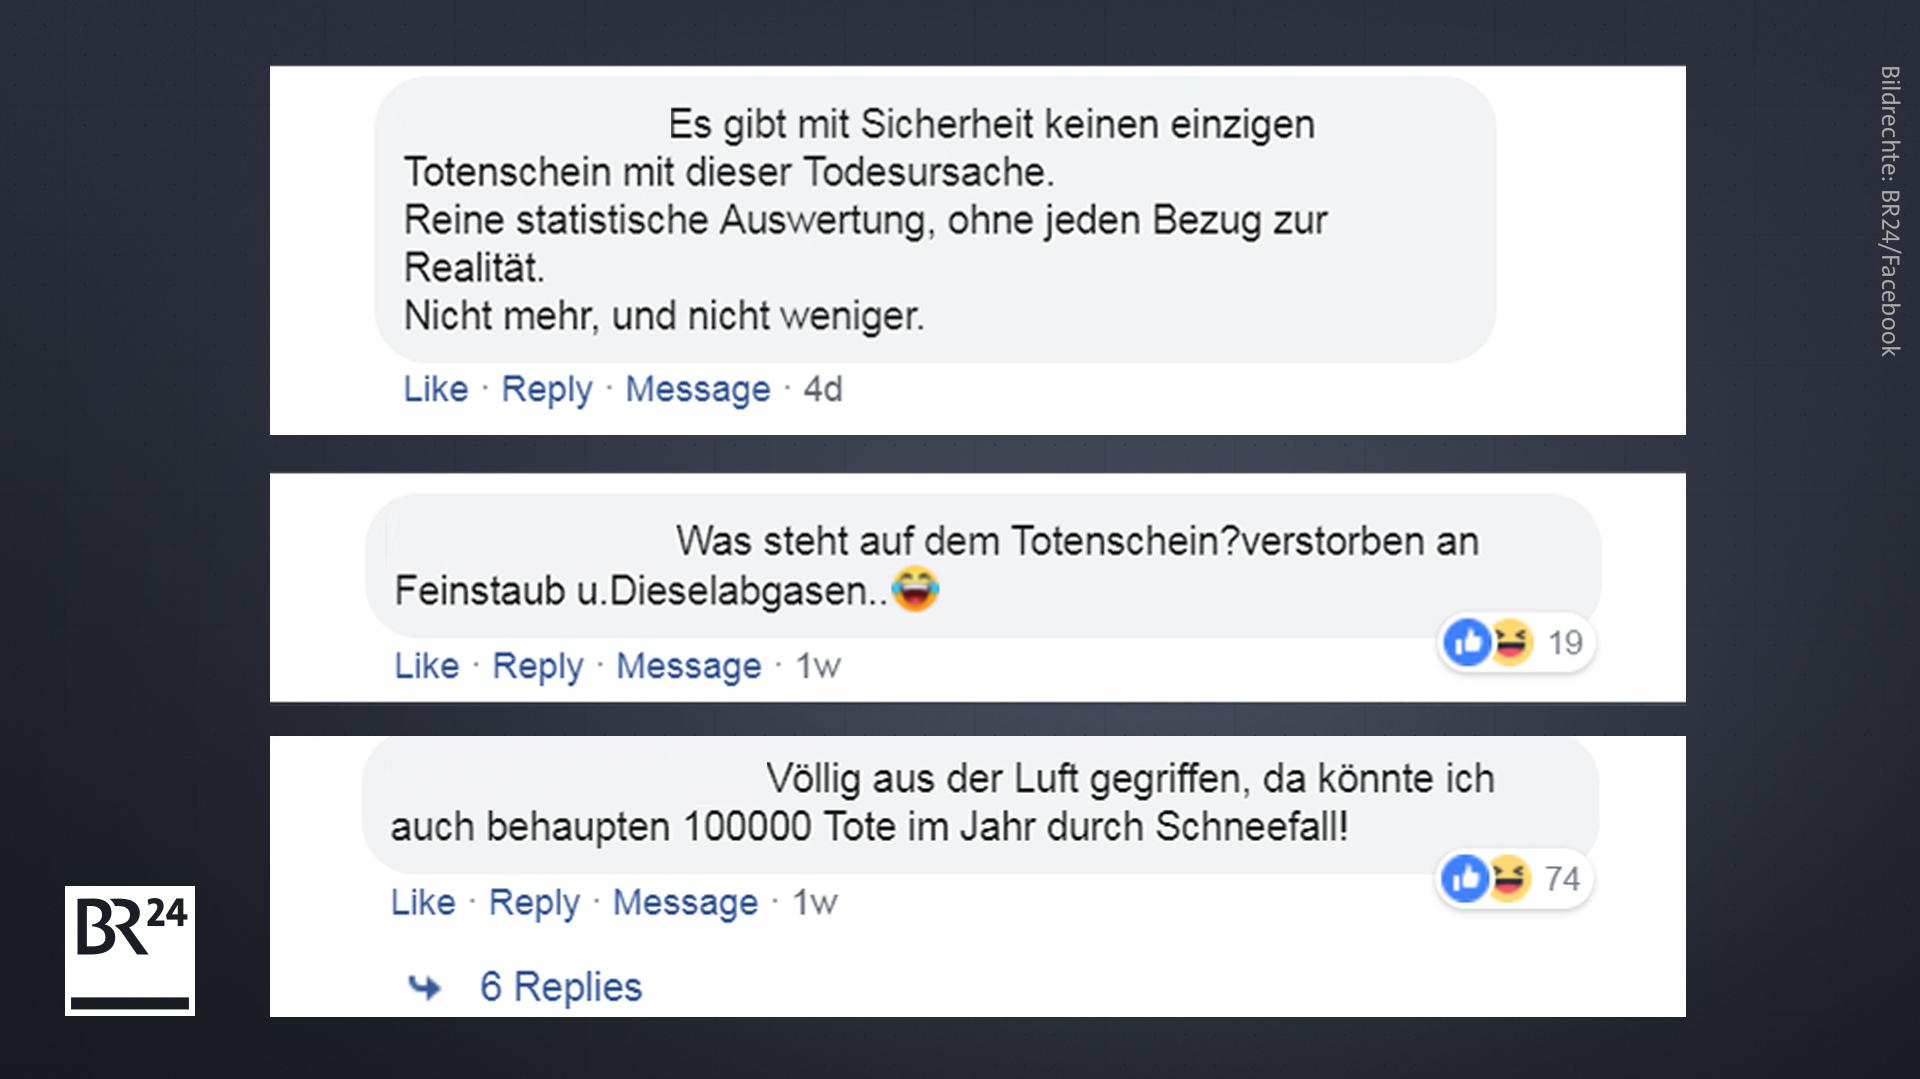 Kommentare von Usern der BR24-Facebook-Seite